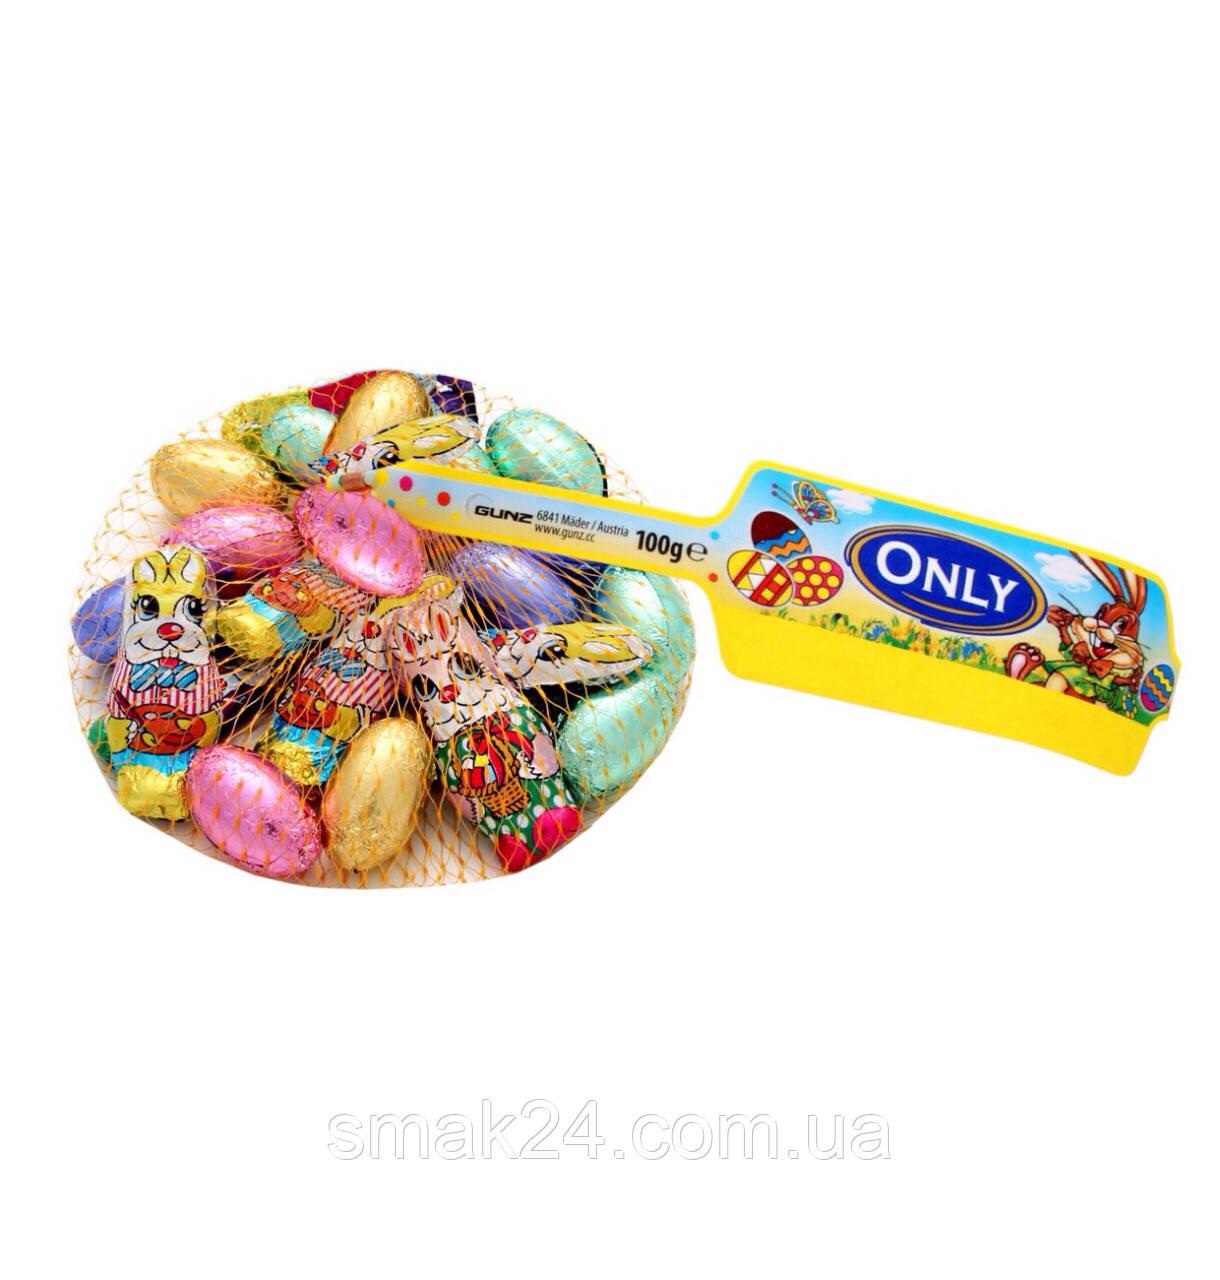 Шоколад молочный Зайчики и цветные яйца  Only Австрия 100г